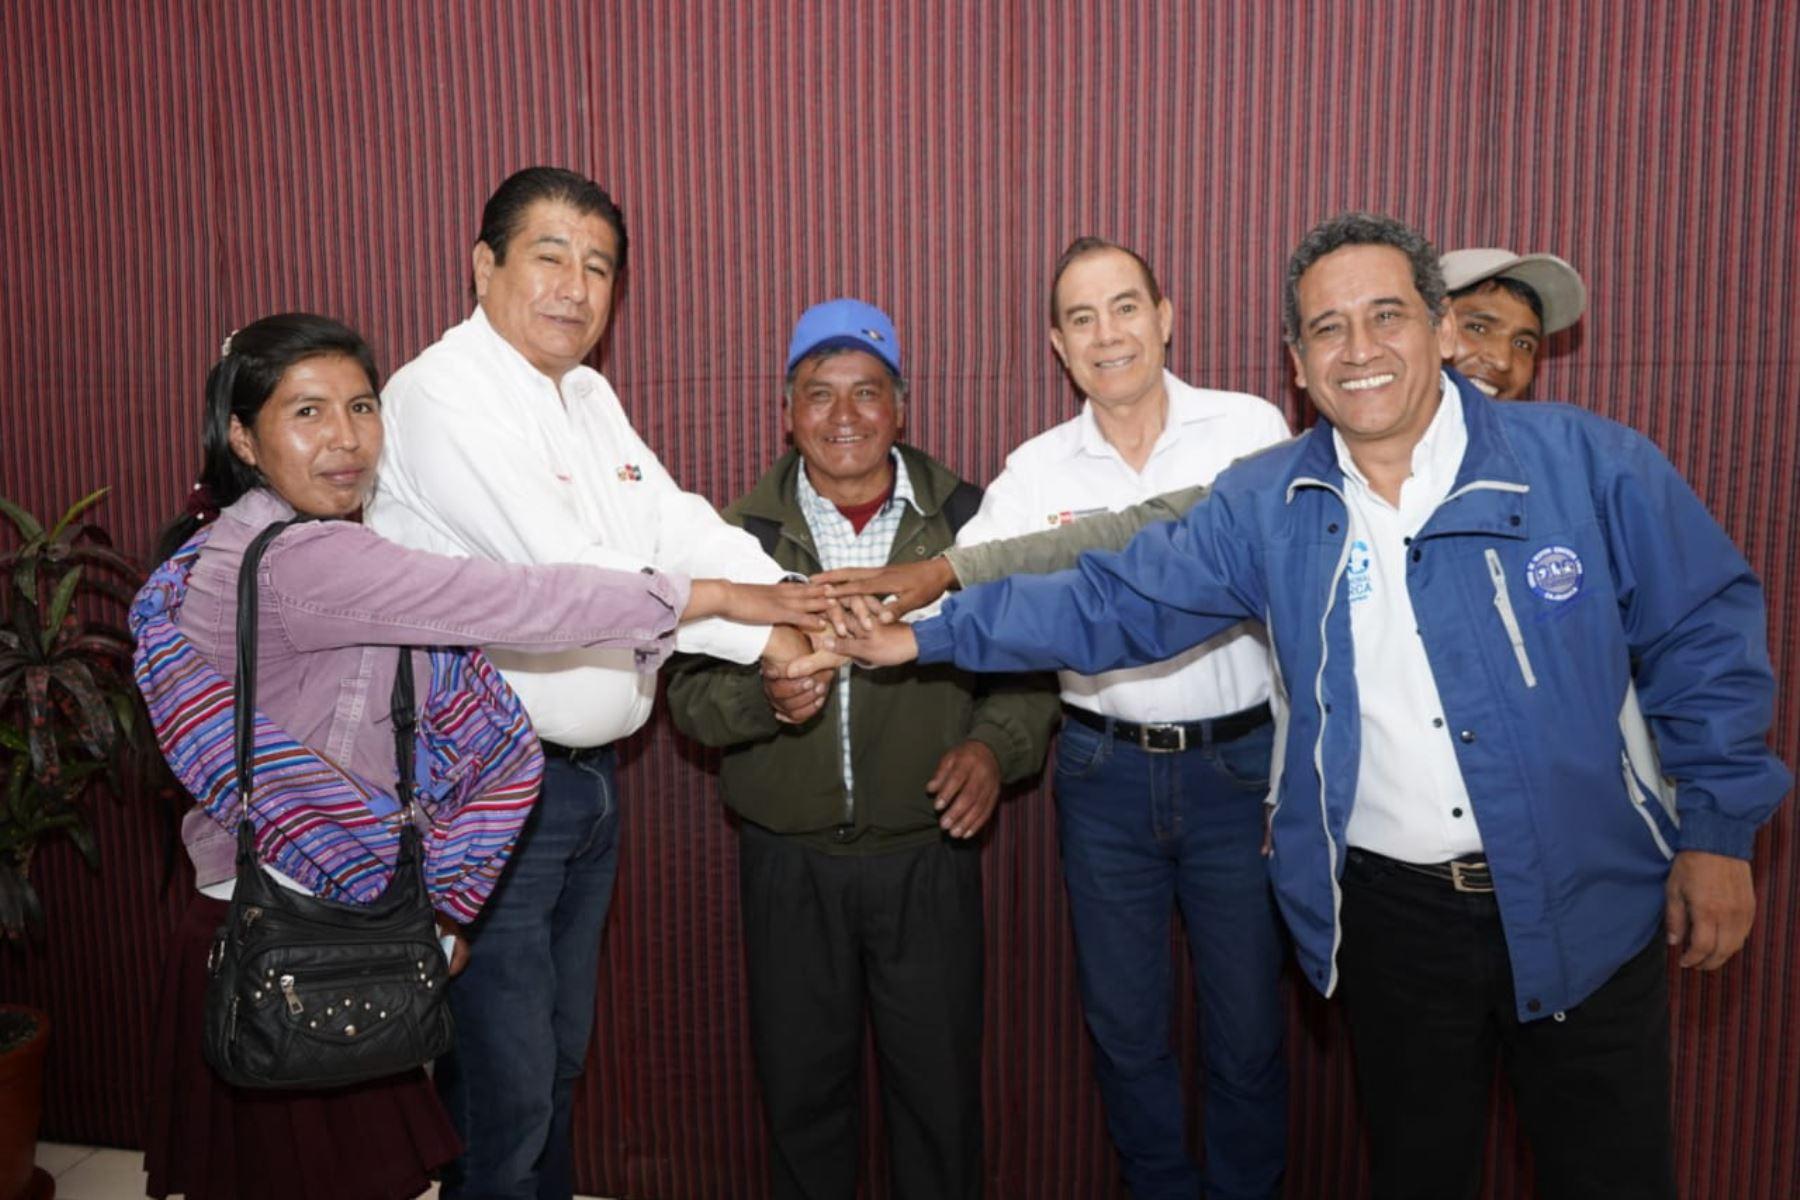 El ministro de Vivienda, Rodolfo Yáñez, junto al ministro de Defensa, Walter Martos, participa en una reunión con el gobernador regional  Mesías Guevara y alcaldes provinciales de Cajamarca para articular proyectos de vivienda, agua, saneamiento, pistas y veredas.